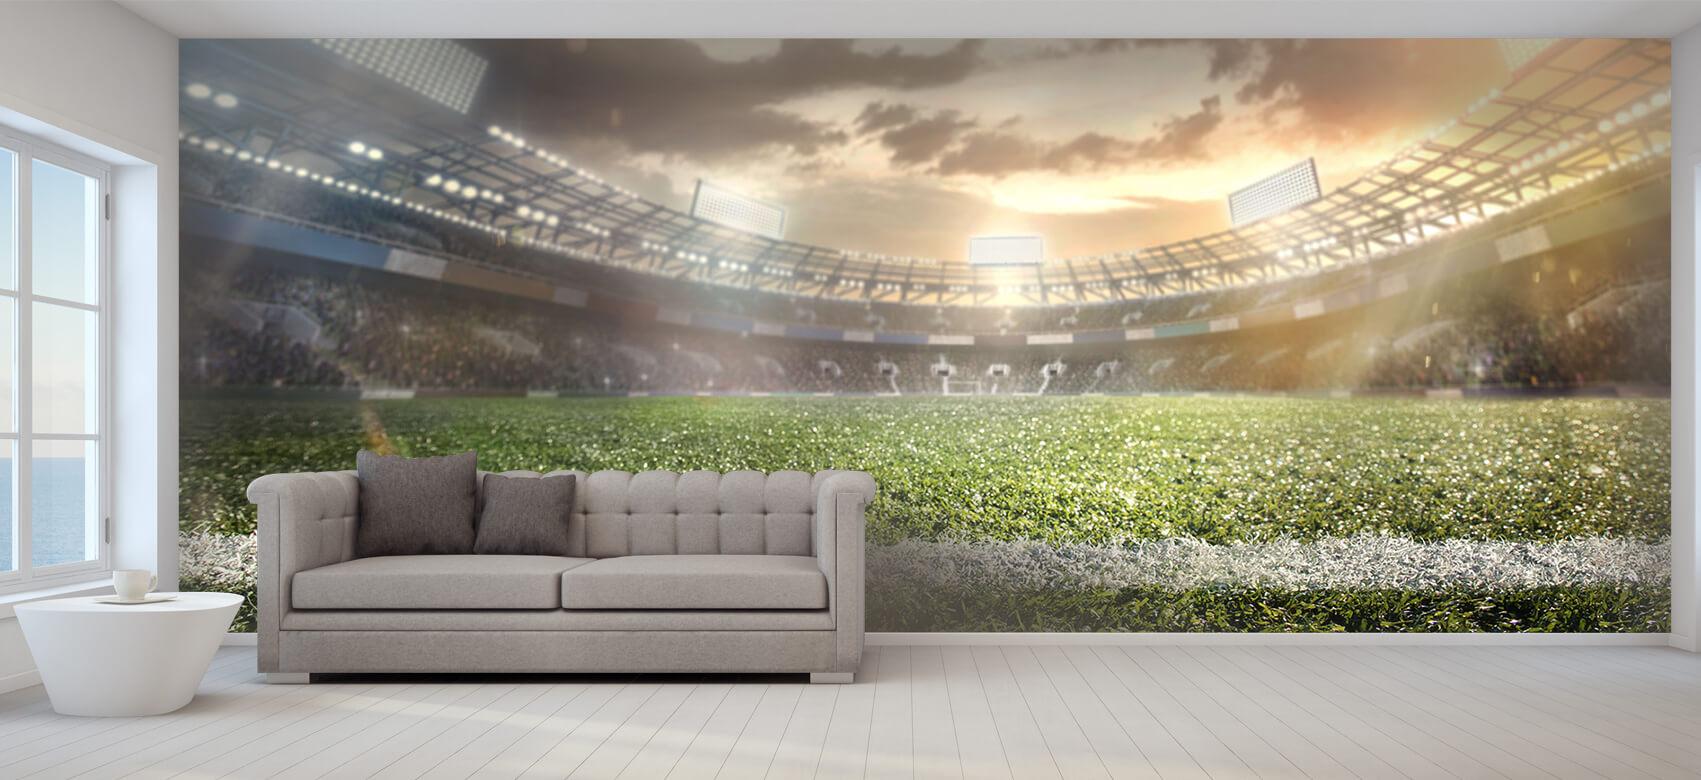 Sport Stadion met kunstgras 8